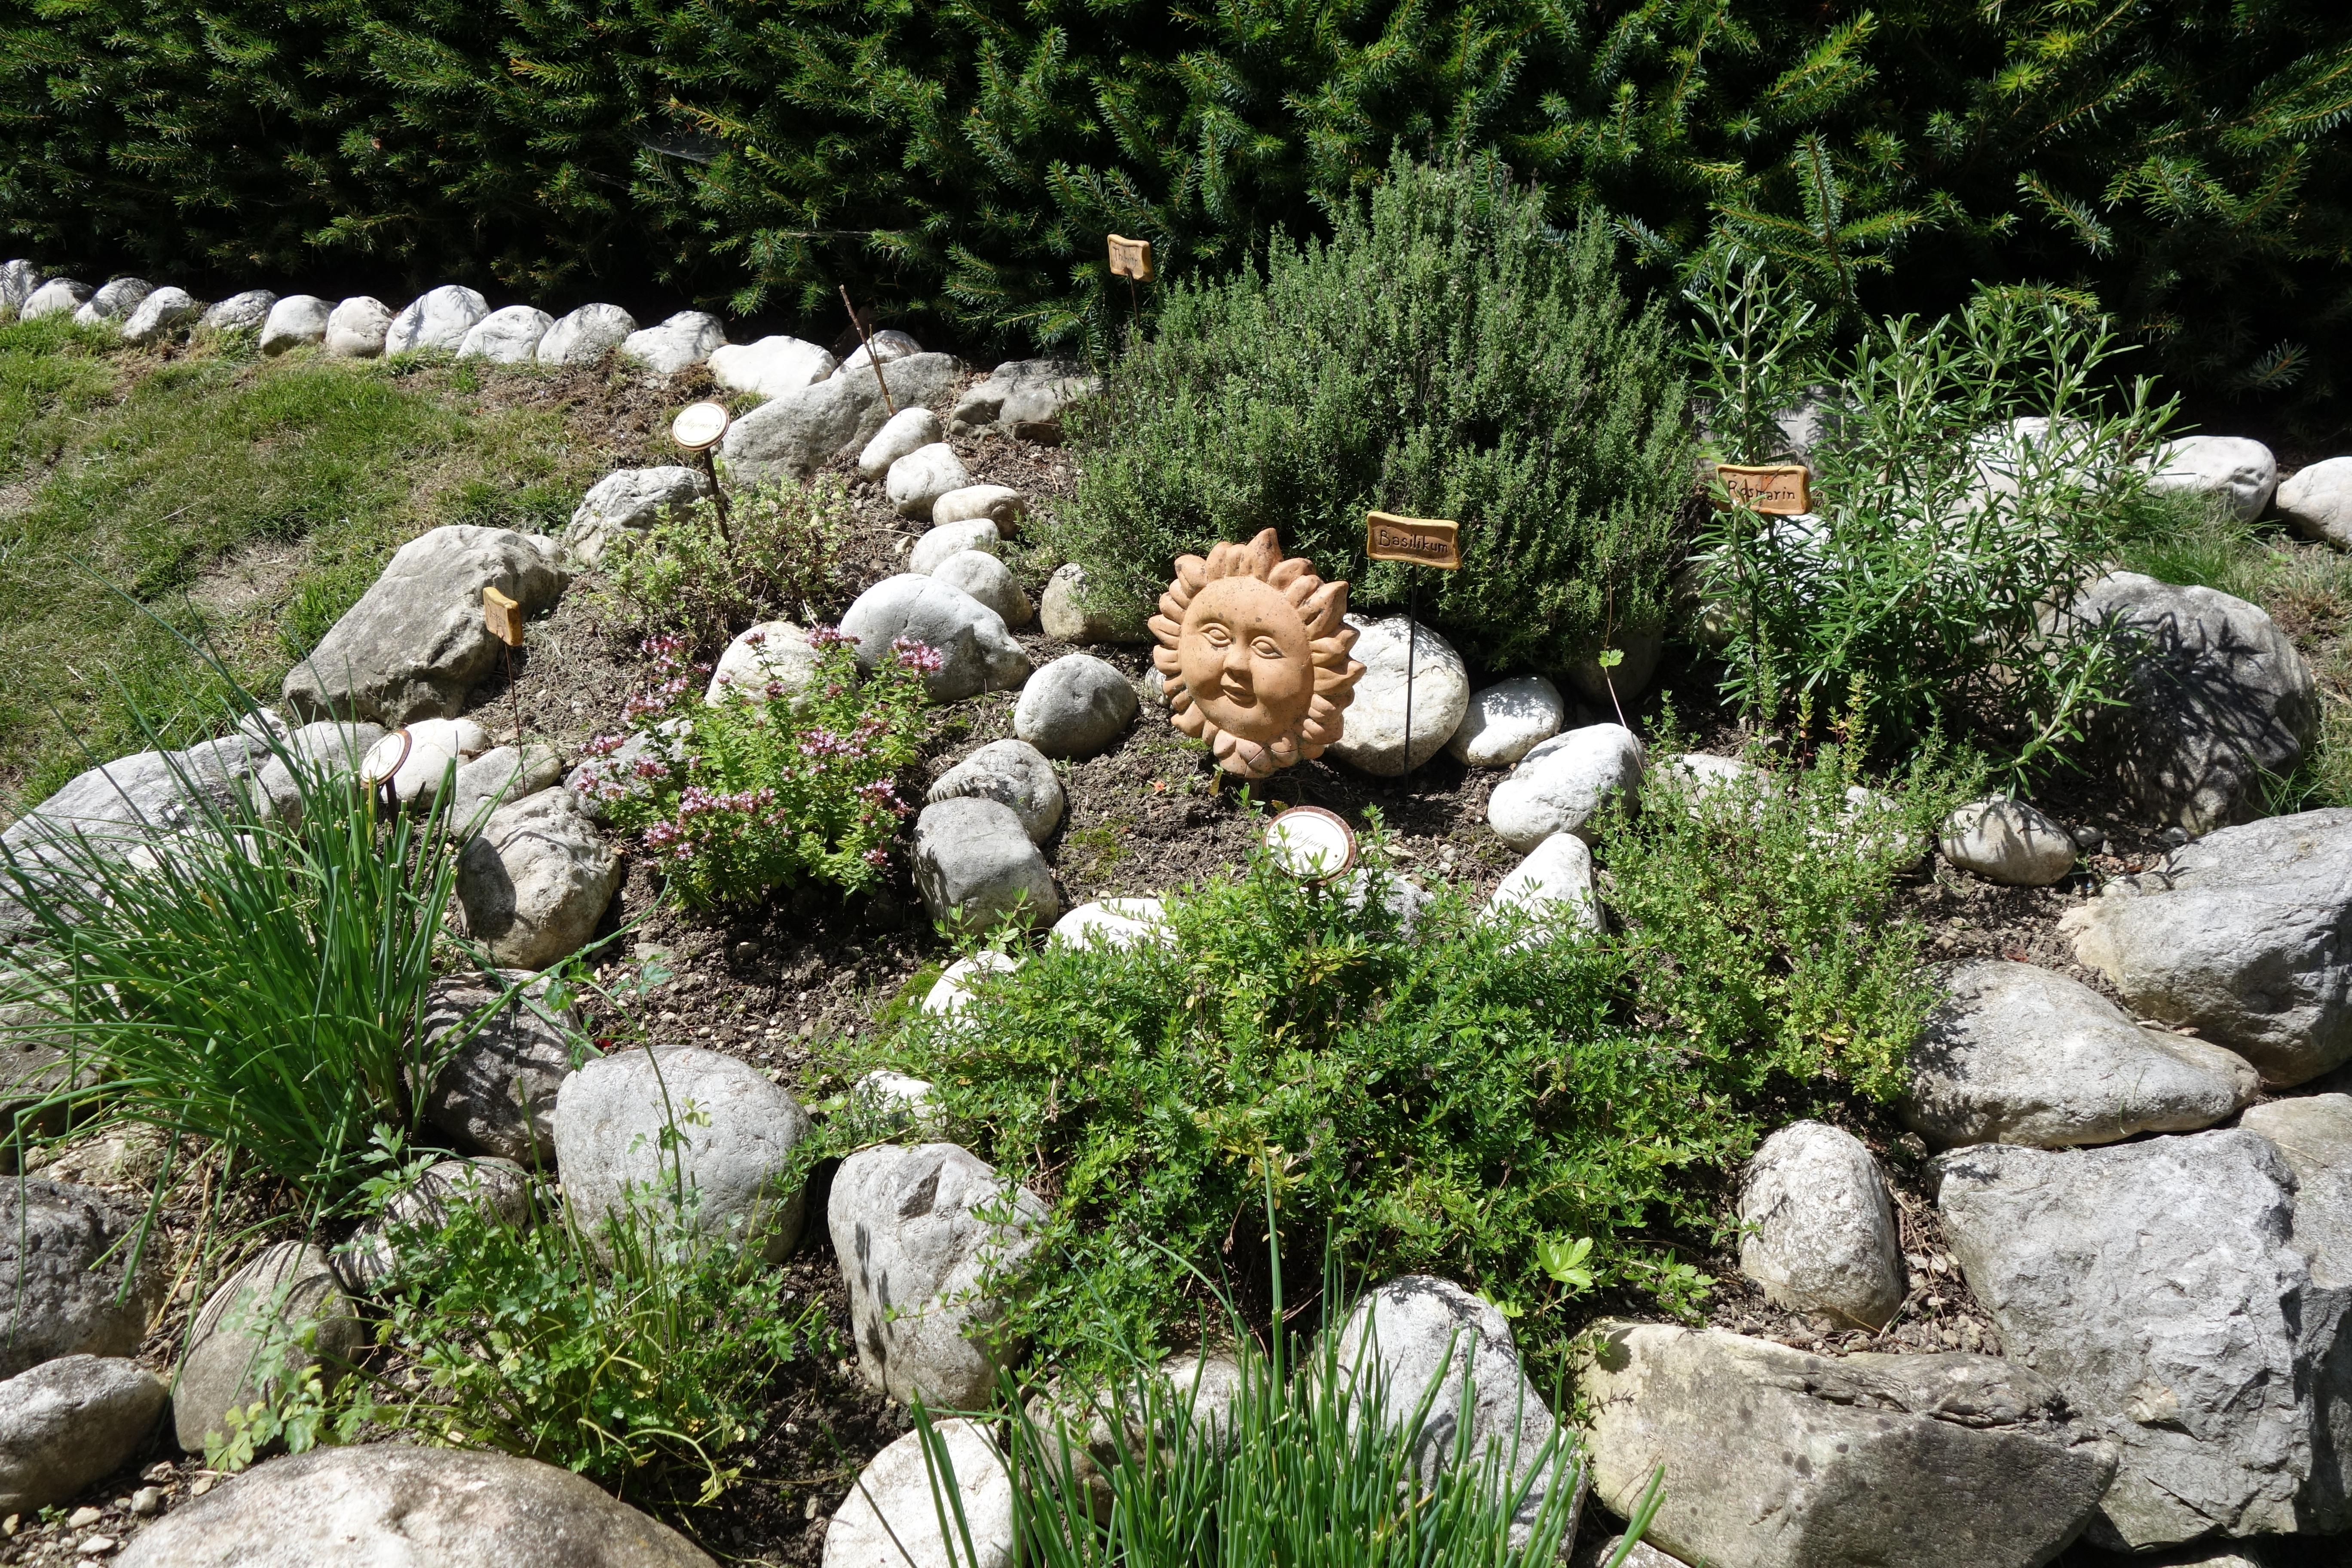 Pflanzen fur steingarten immergrun malerei wohndesign - Winterharte pflanzen fur steingarten ...